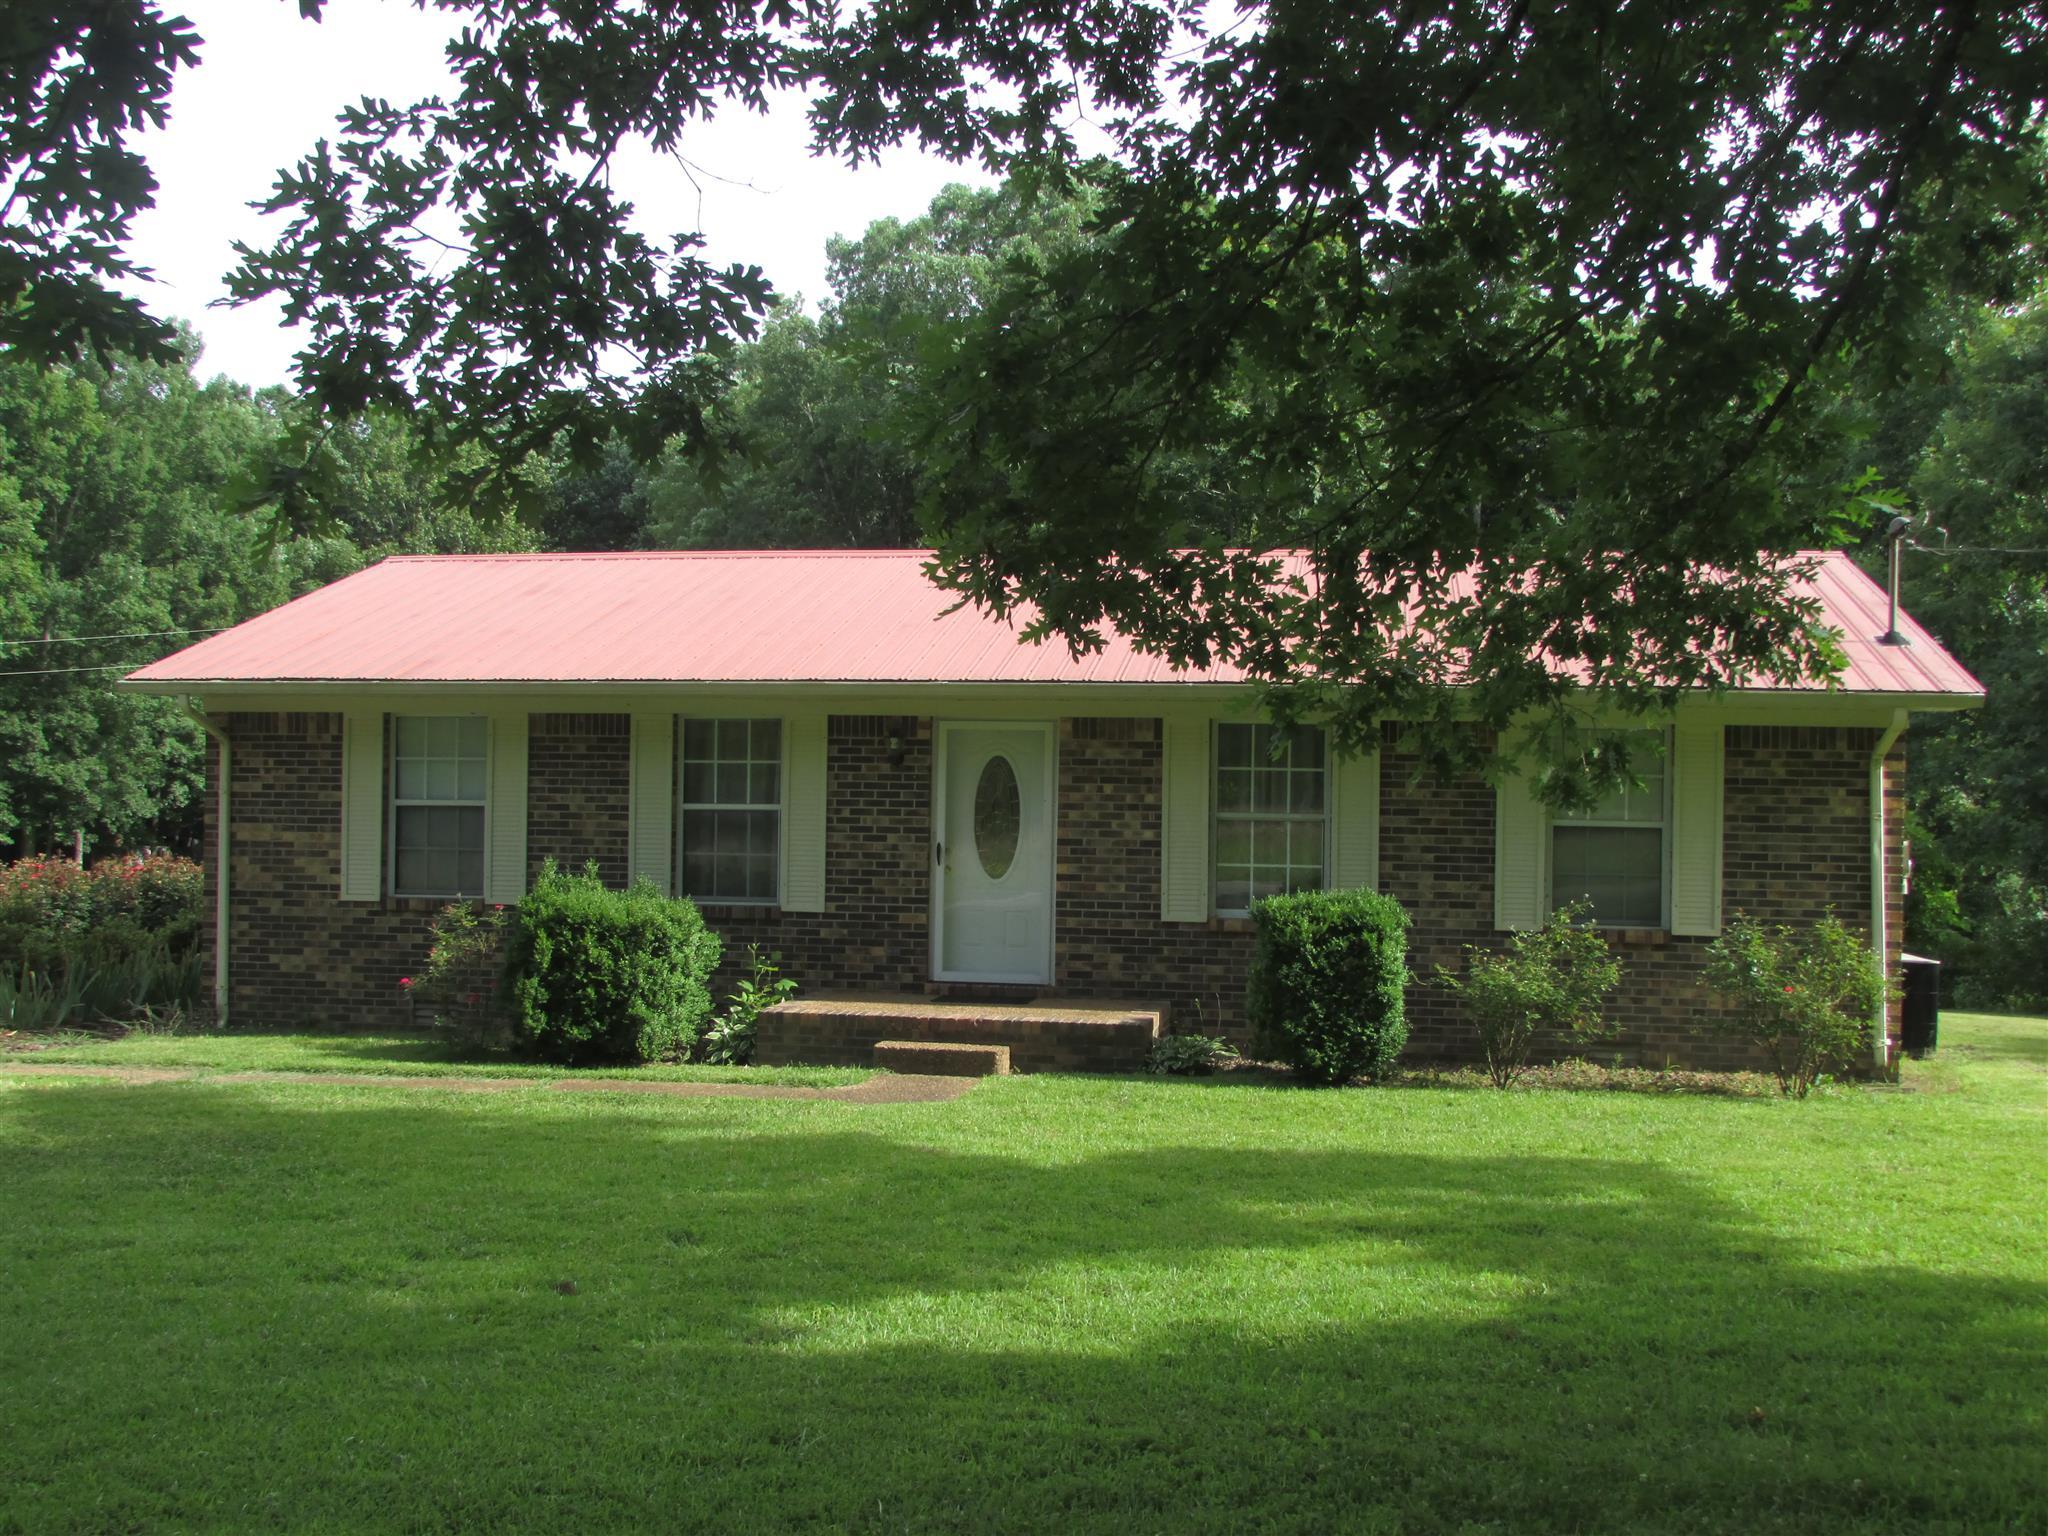 527 Fairview Rd, S, Loretto, TN 38469 - Loretto, TN real estate listing